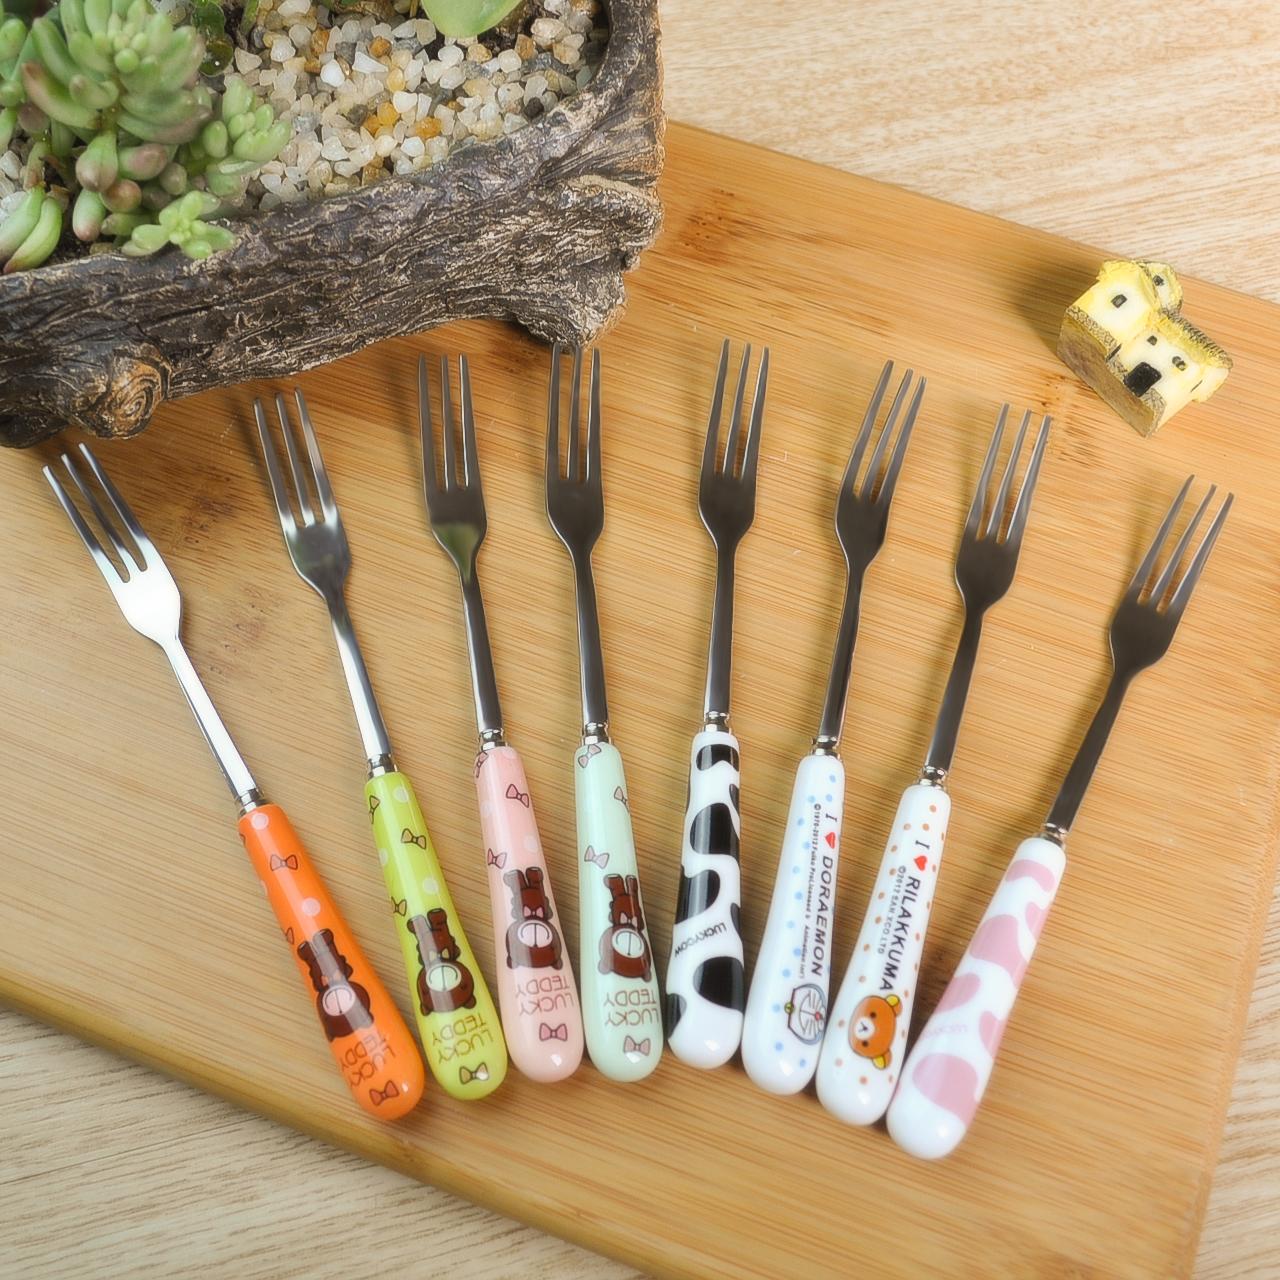 創意陶瓷手柄水果叉不鏽鋼時尚水果籤 韓式西餐小叉子甜品點心叉